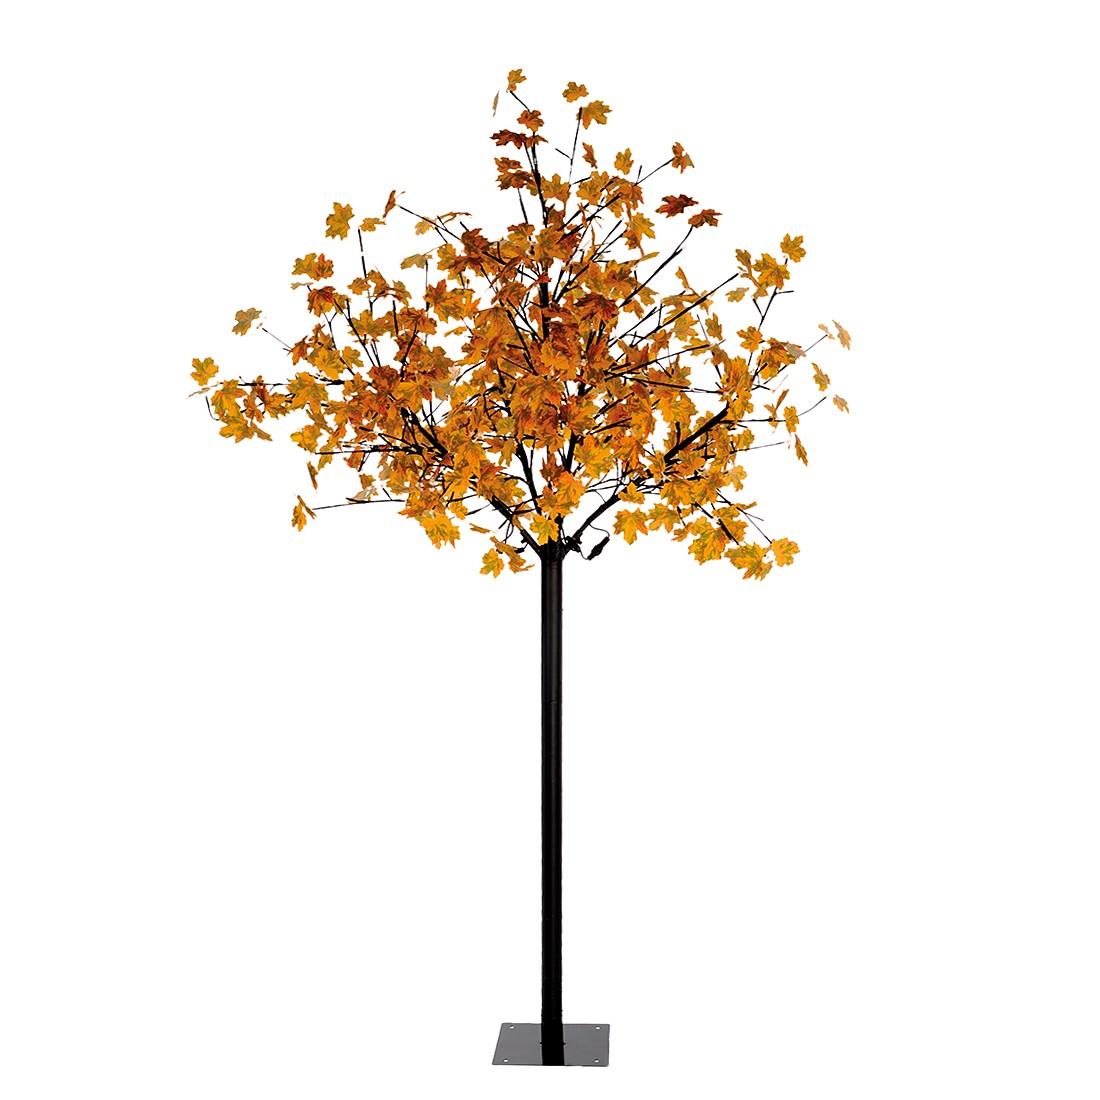 EEK A+, Lampadaire Led Baum by Leuchten Direkt - Fer / Matériau synthétique Noir 450 ampoules, Leuchten Direkt